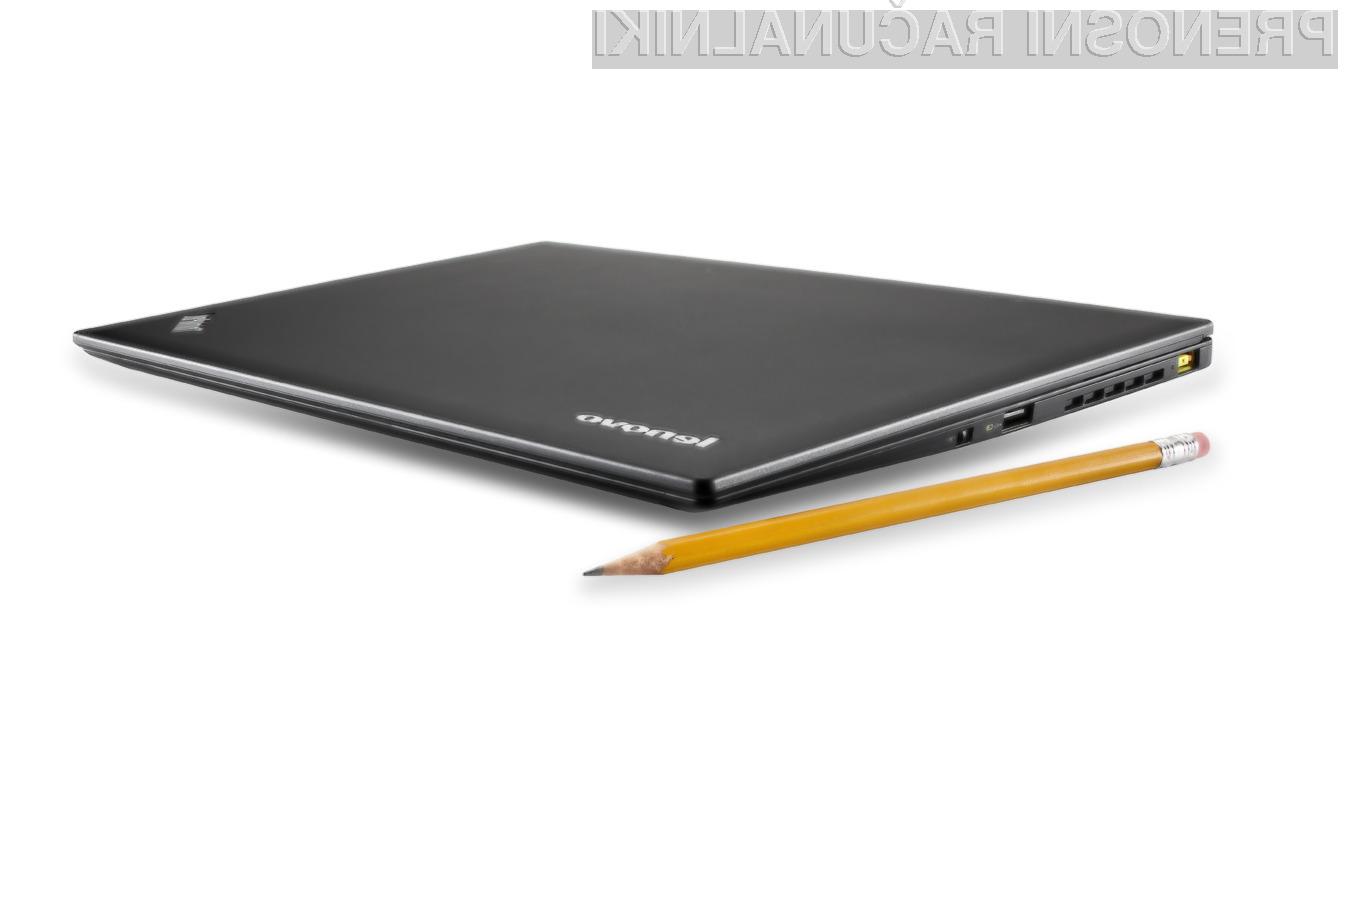 ThinkPad X1 Carbon je najlažji 14 palčni prenosnik na svetu.